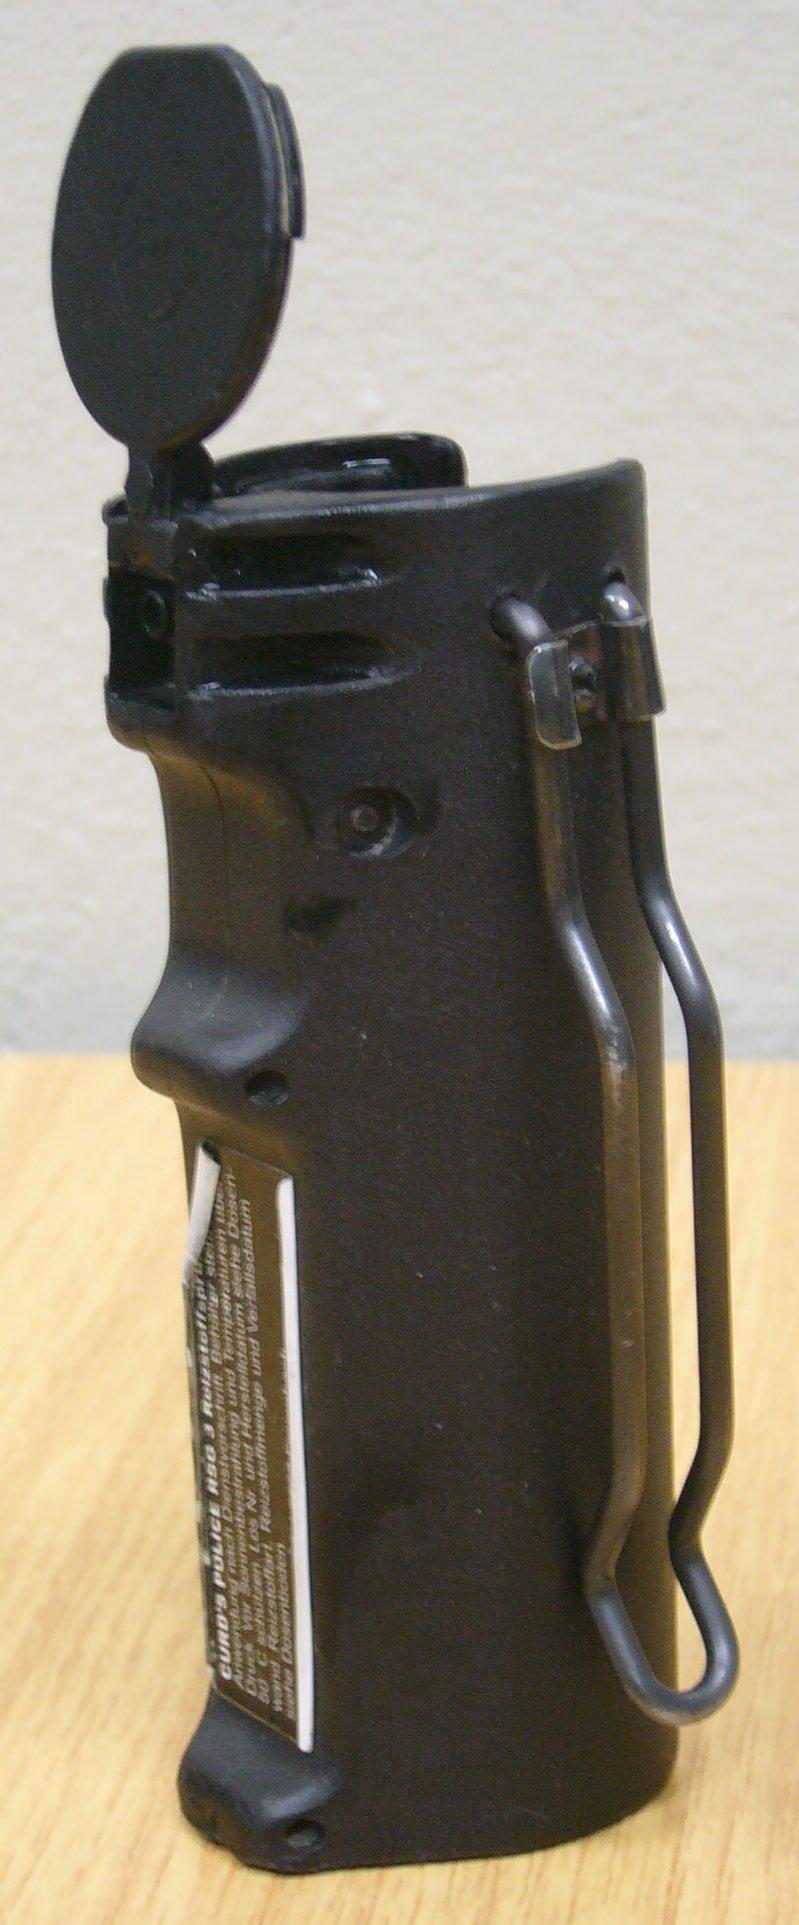 Der RSG 6 ist ein ca handgroßes schwarzes Gerät.